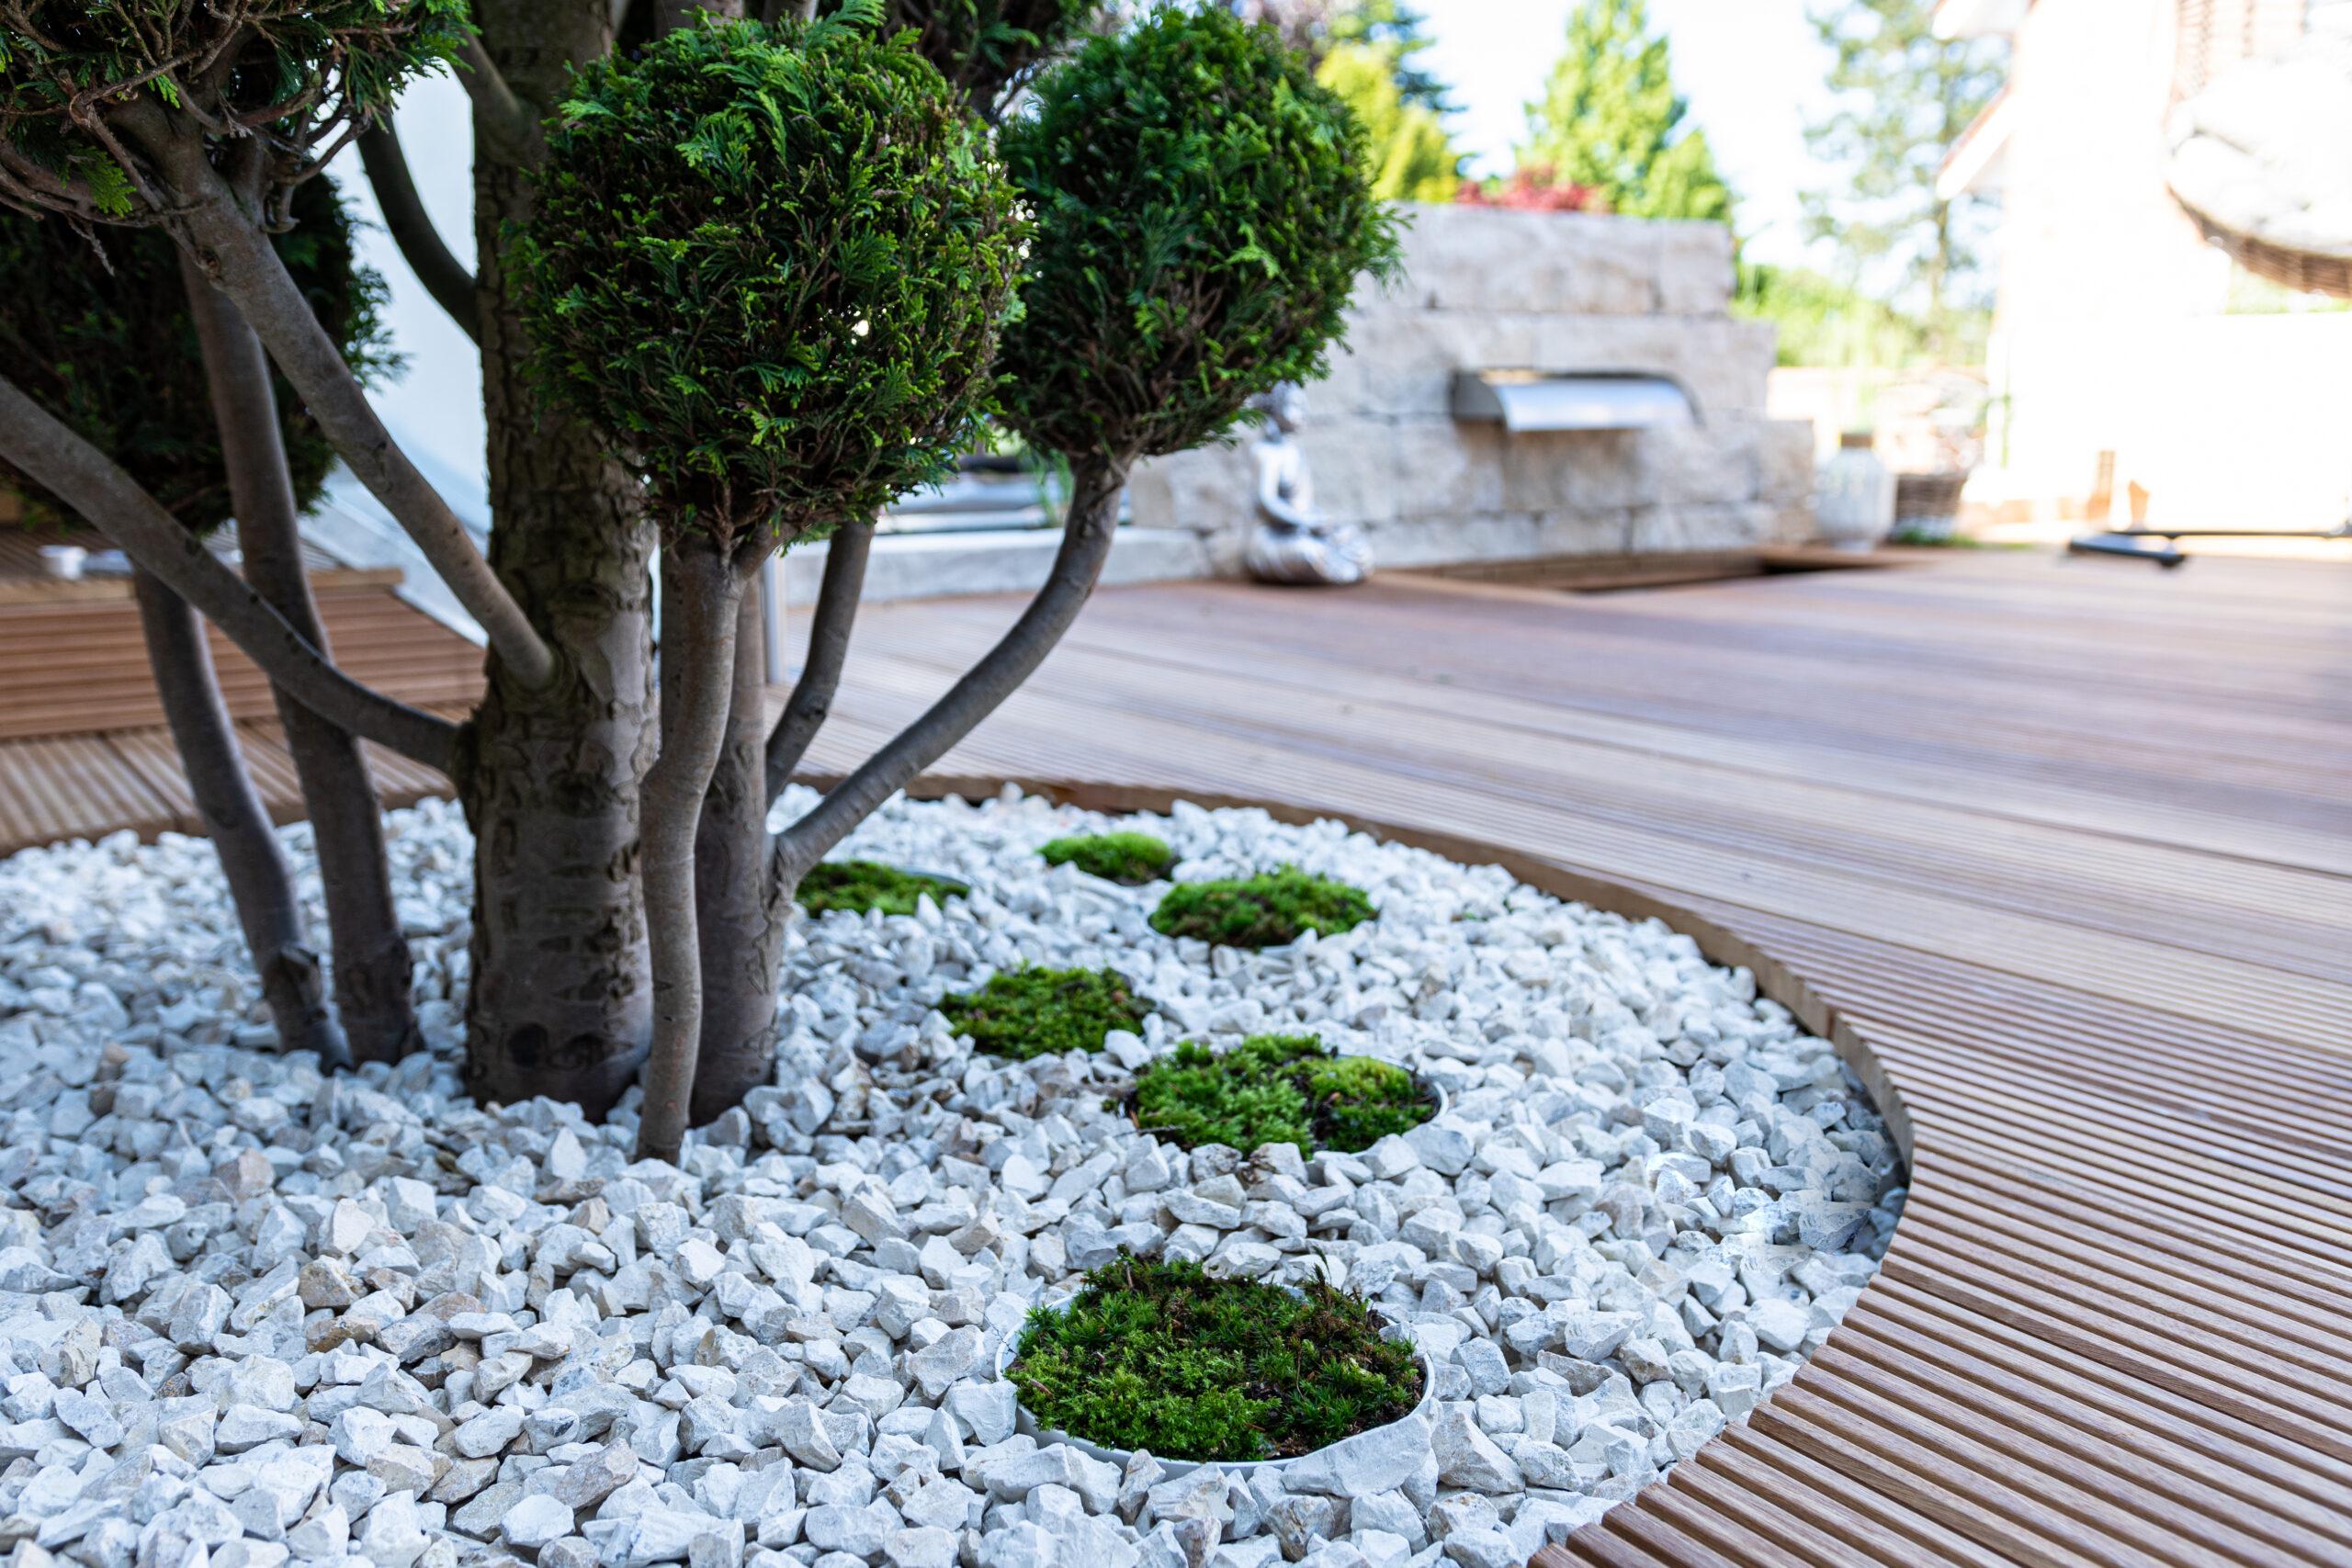 Elemente aus echtem, lebendem Ziermoos lockern die Steinbereiche der Terrasse auf.